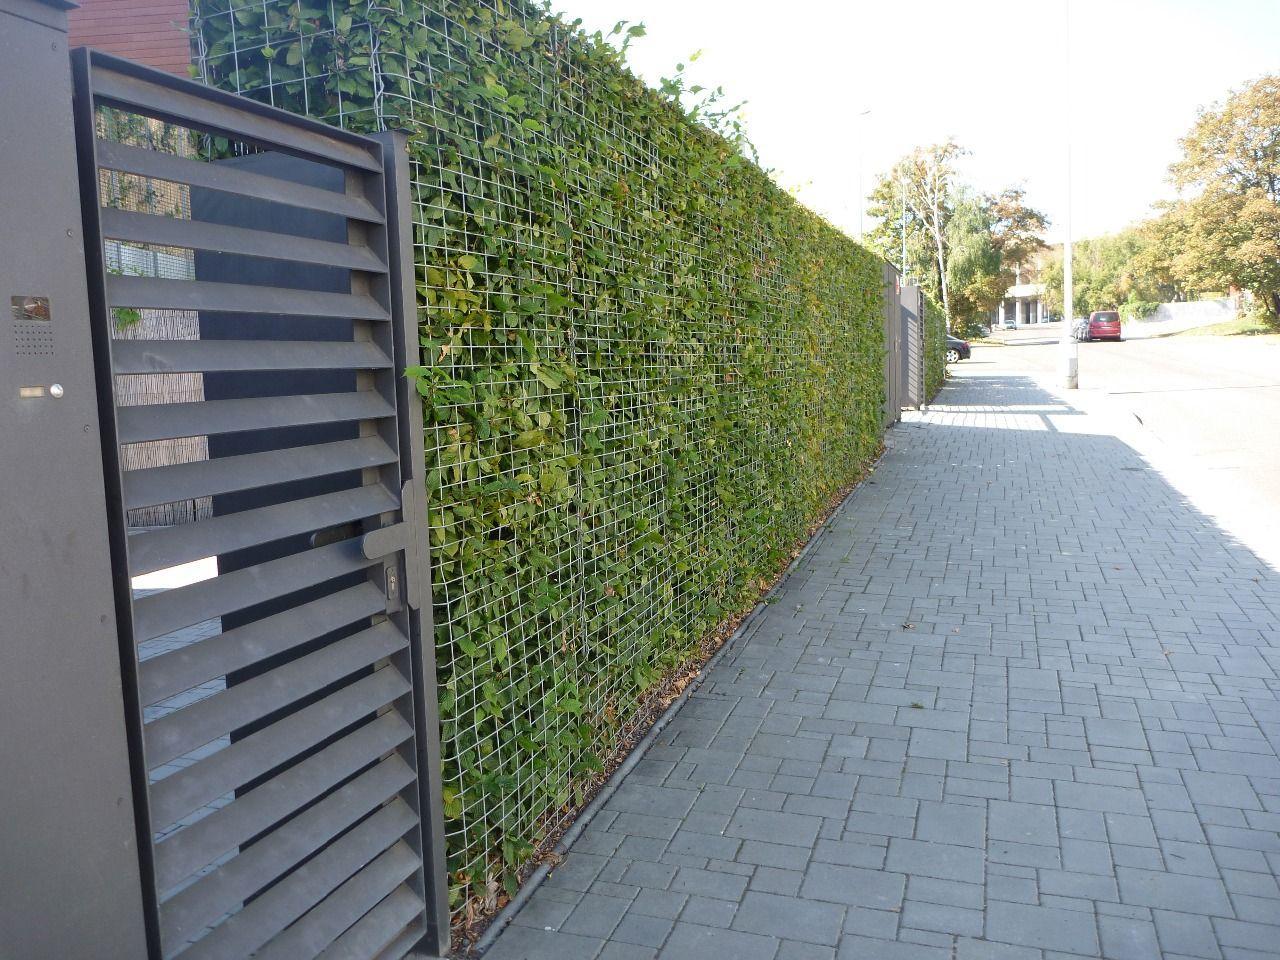 ploty a plotové - inspirace - Obrázek č. 14